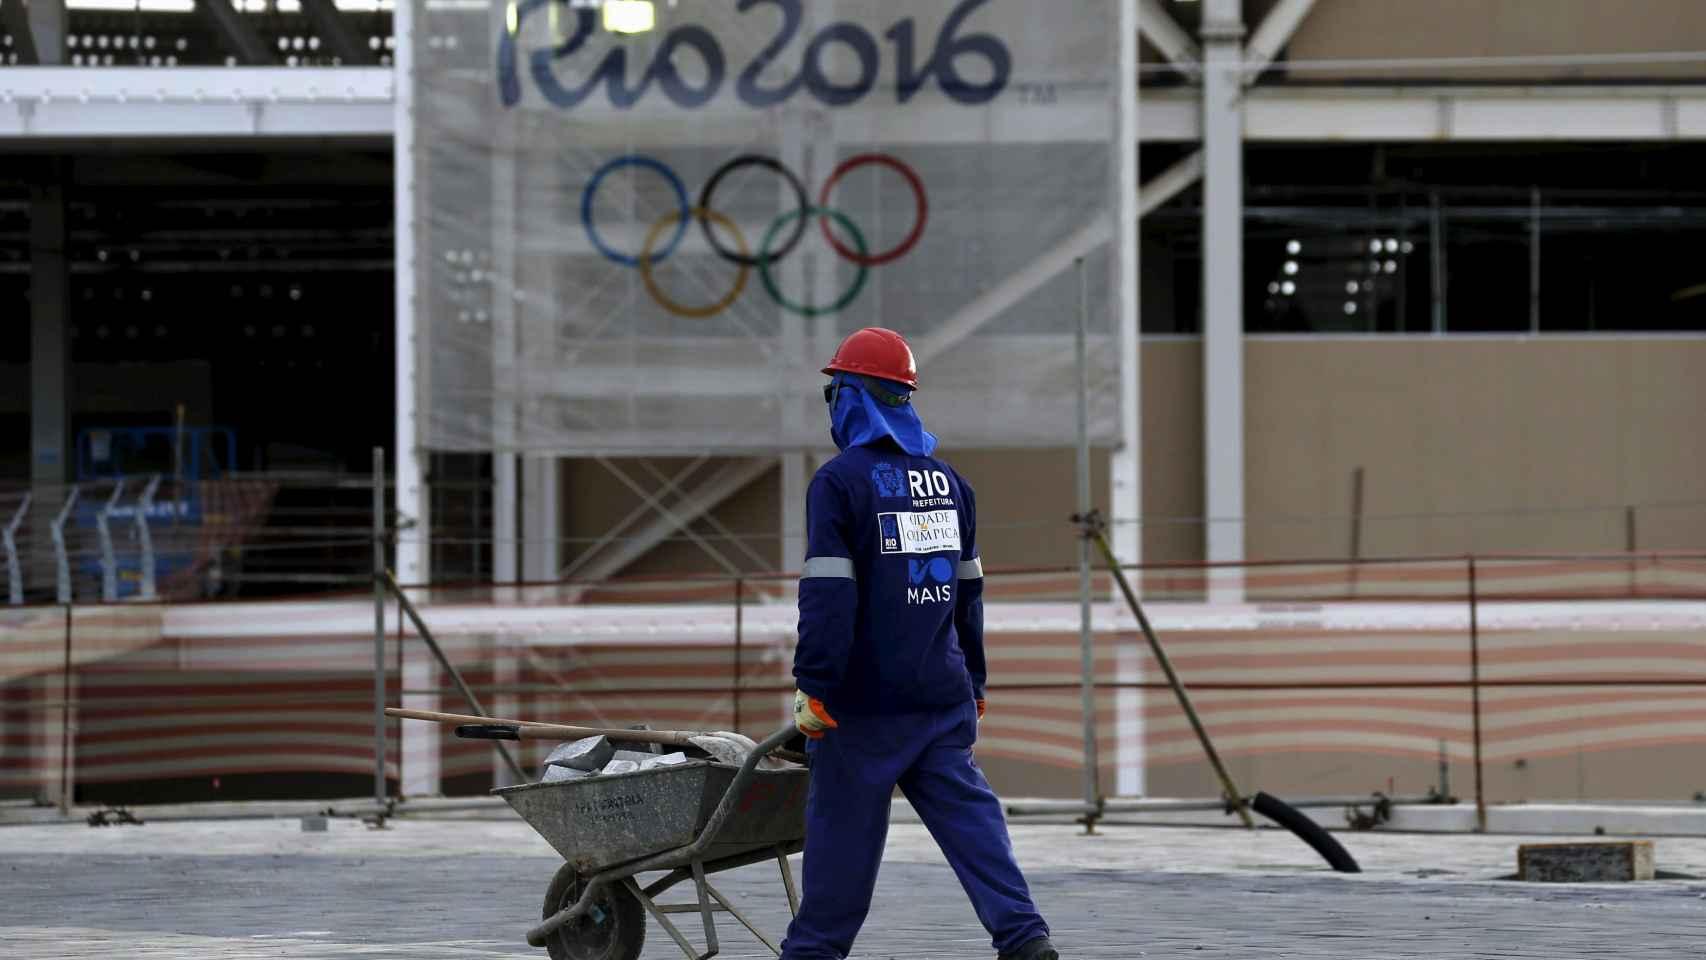 Obras para los Juegos Olímpicos de Río 2016